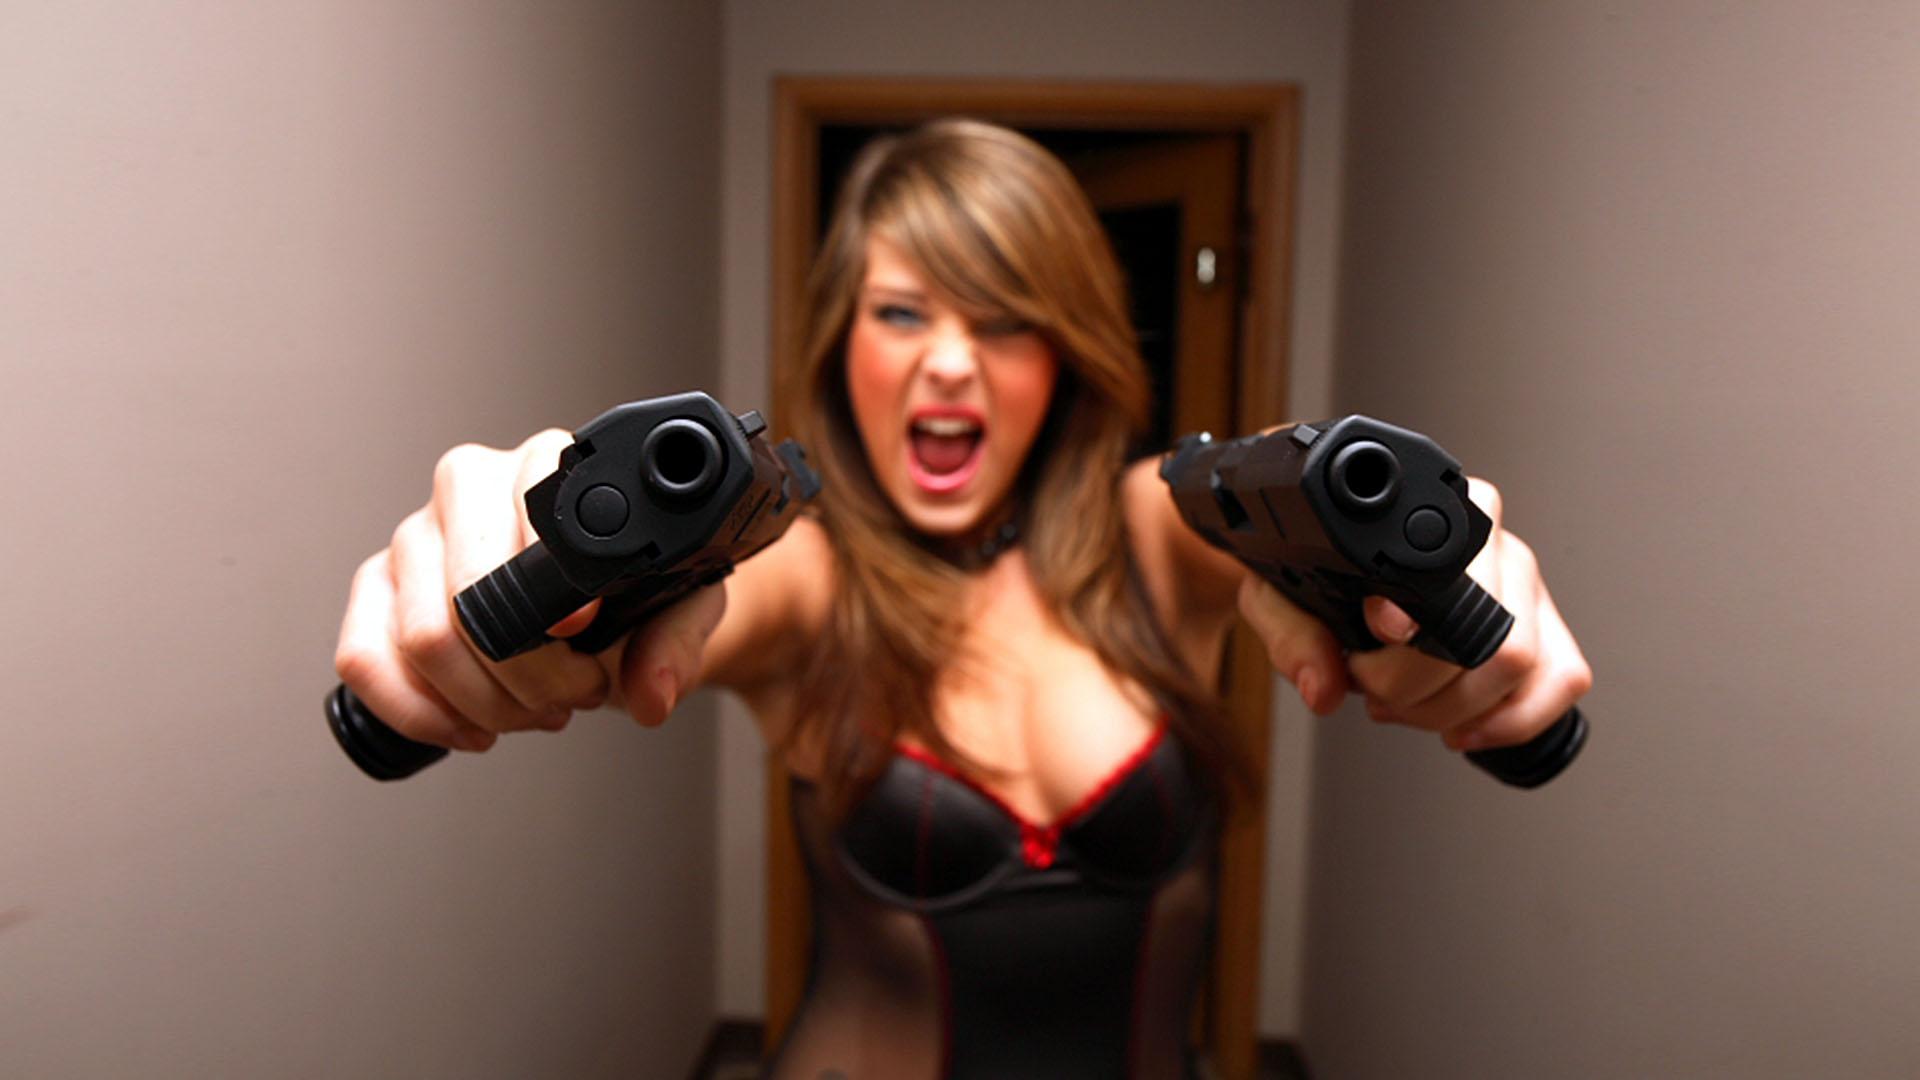 Una chica con pistolas - 1920x1080